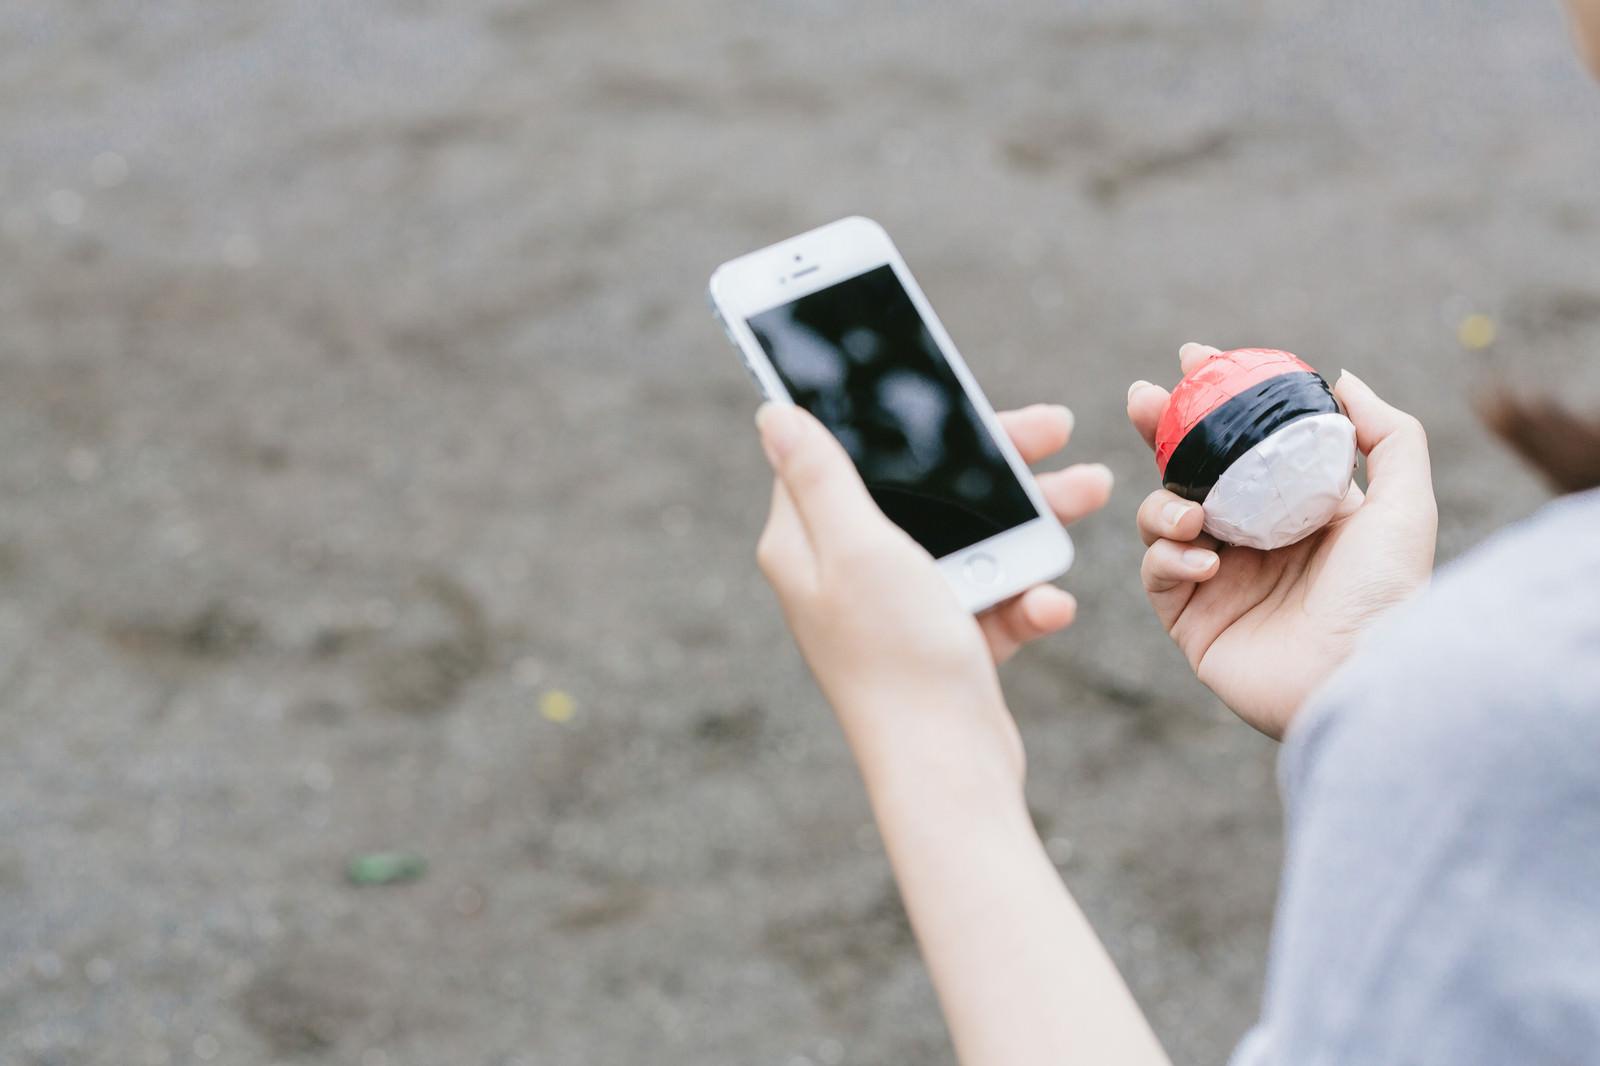 「歩きながらのゲームは大変危険です | 写真の無料素材・フリー素材 - ぱくたそ」の写真